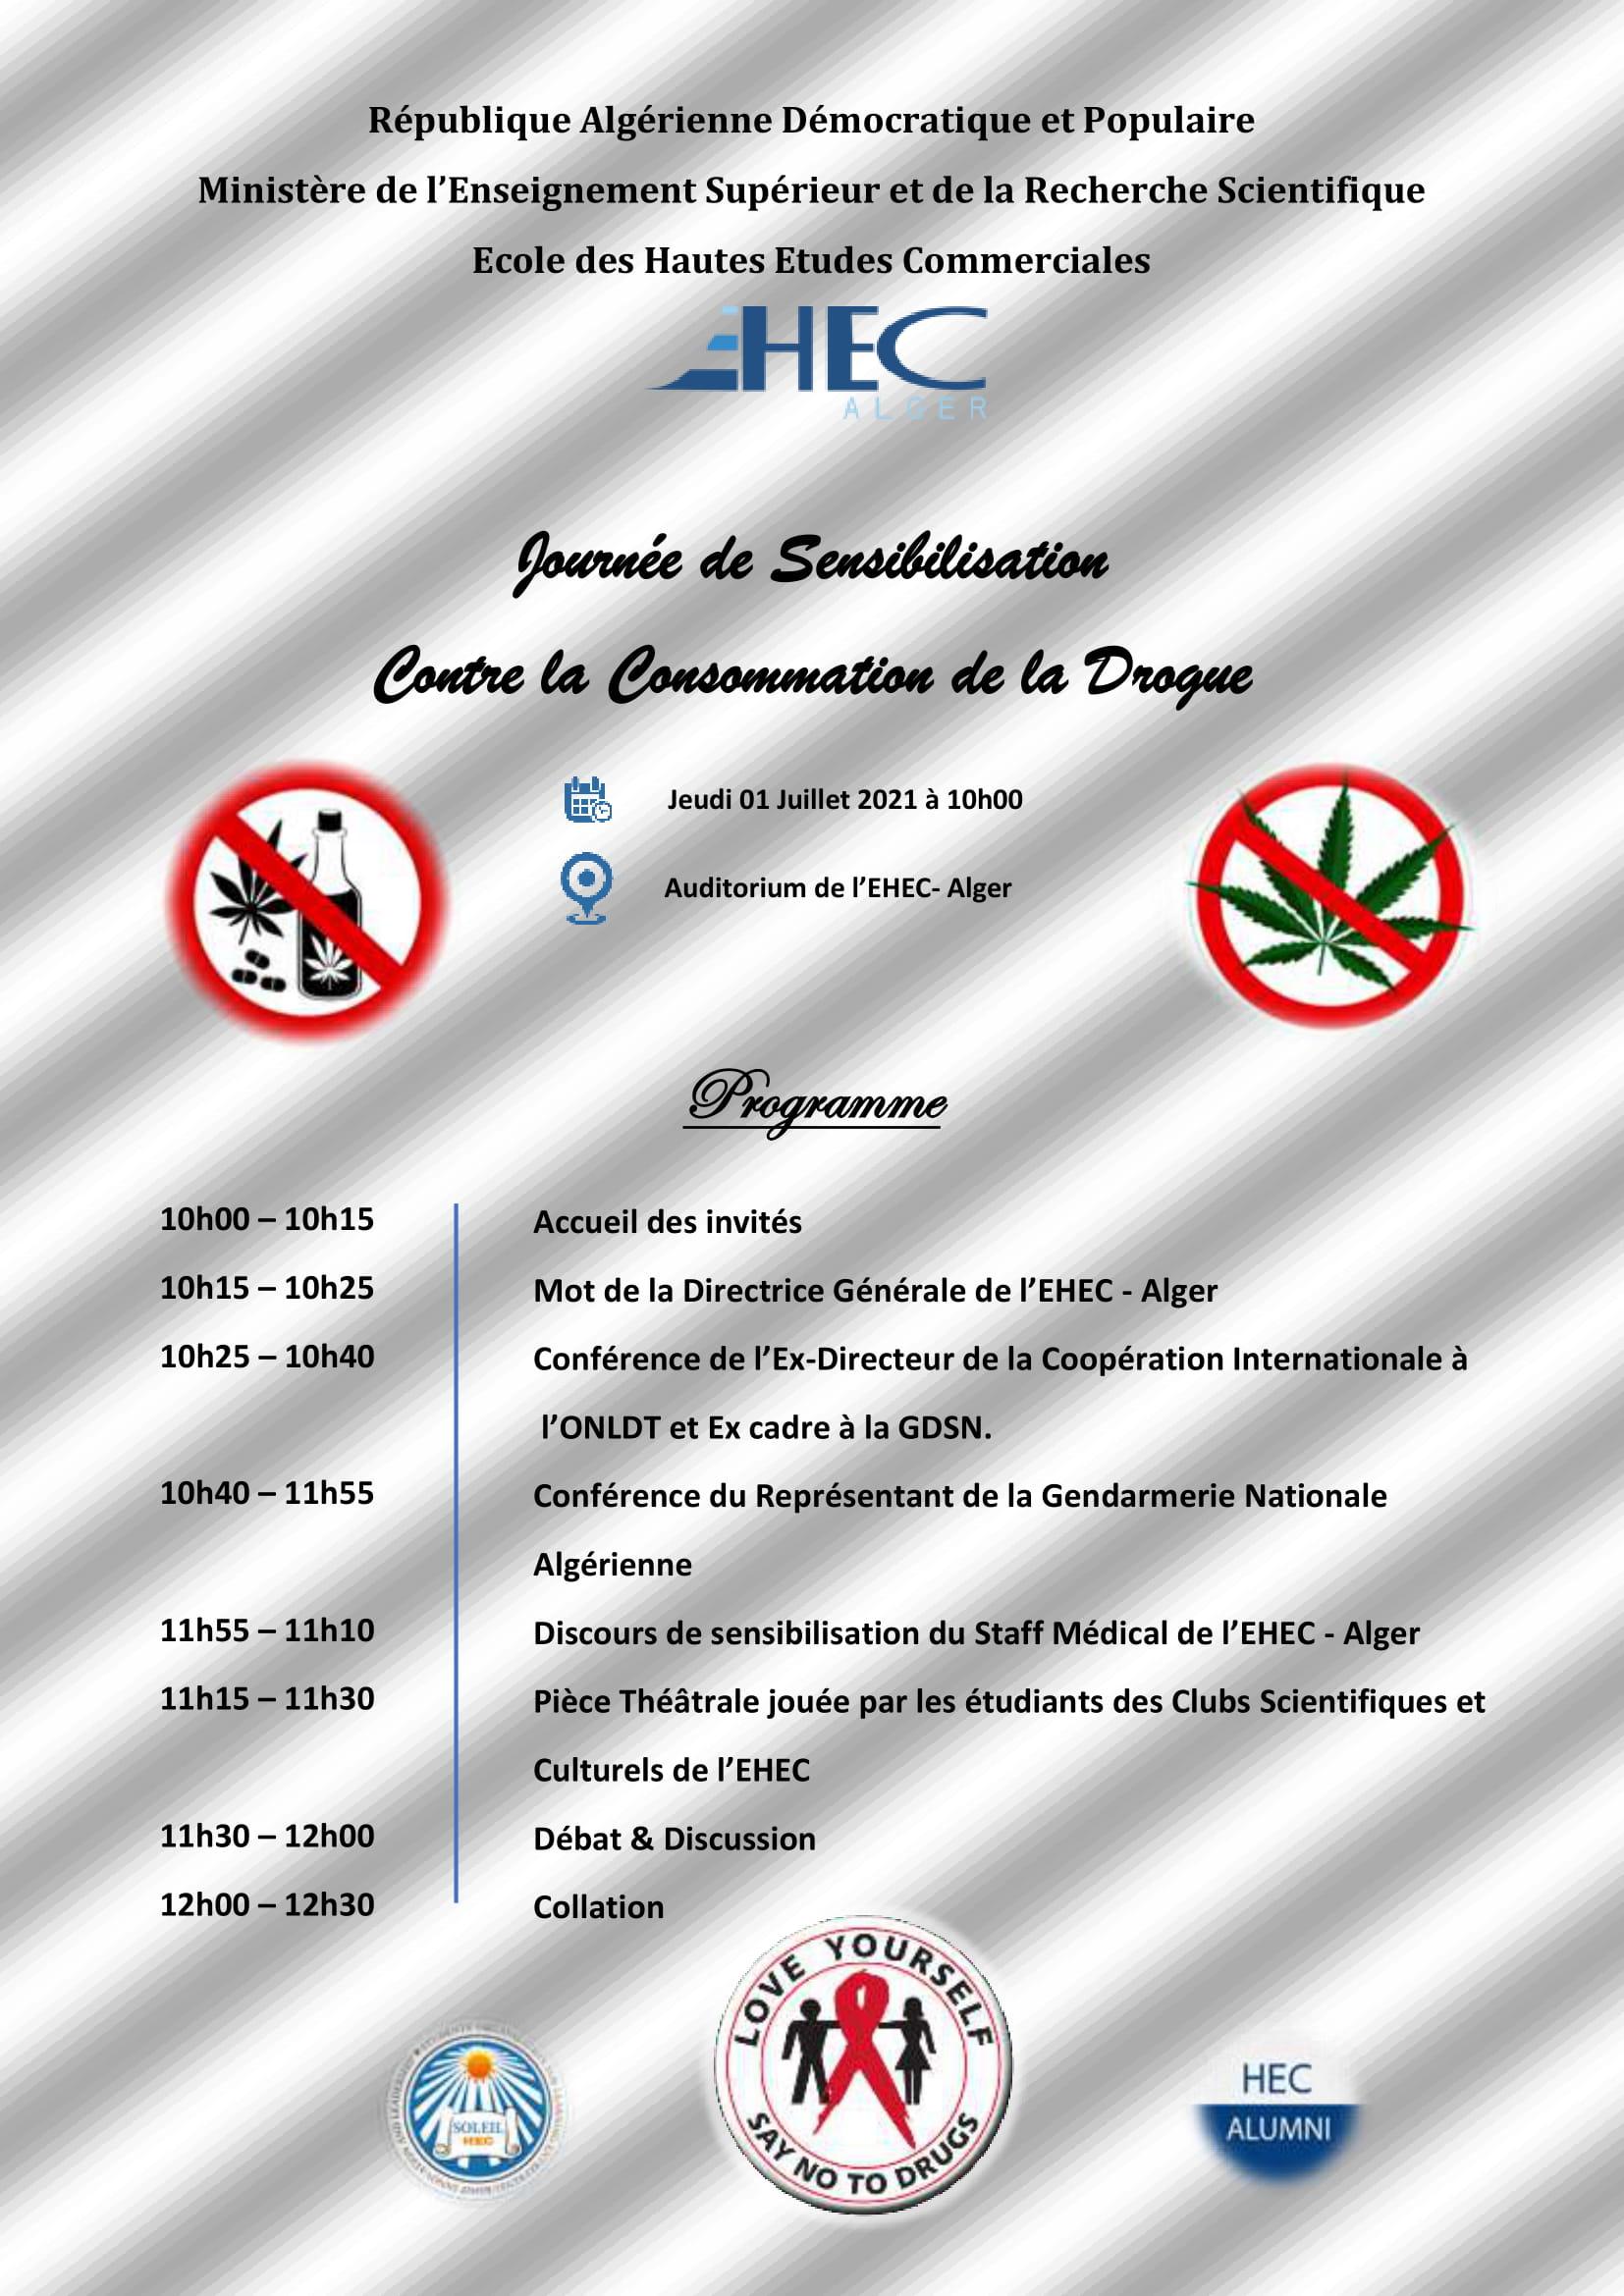 Programme de la journée de sensibilisation contre la consommation de la drogue